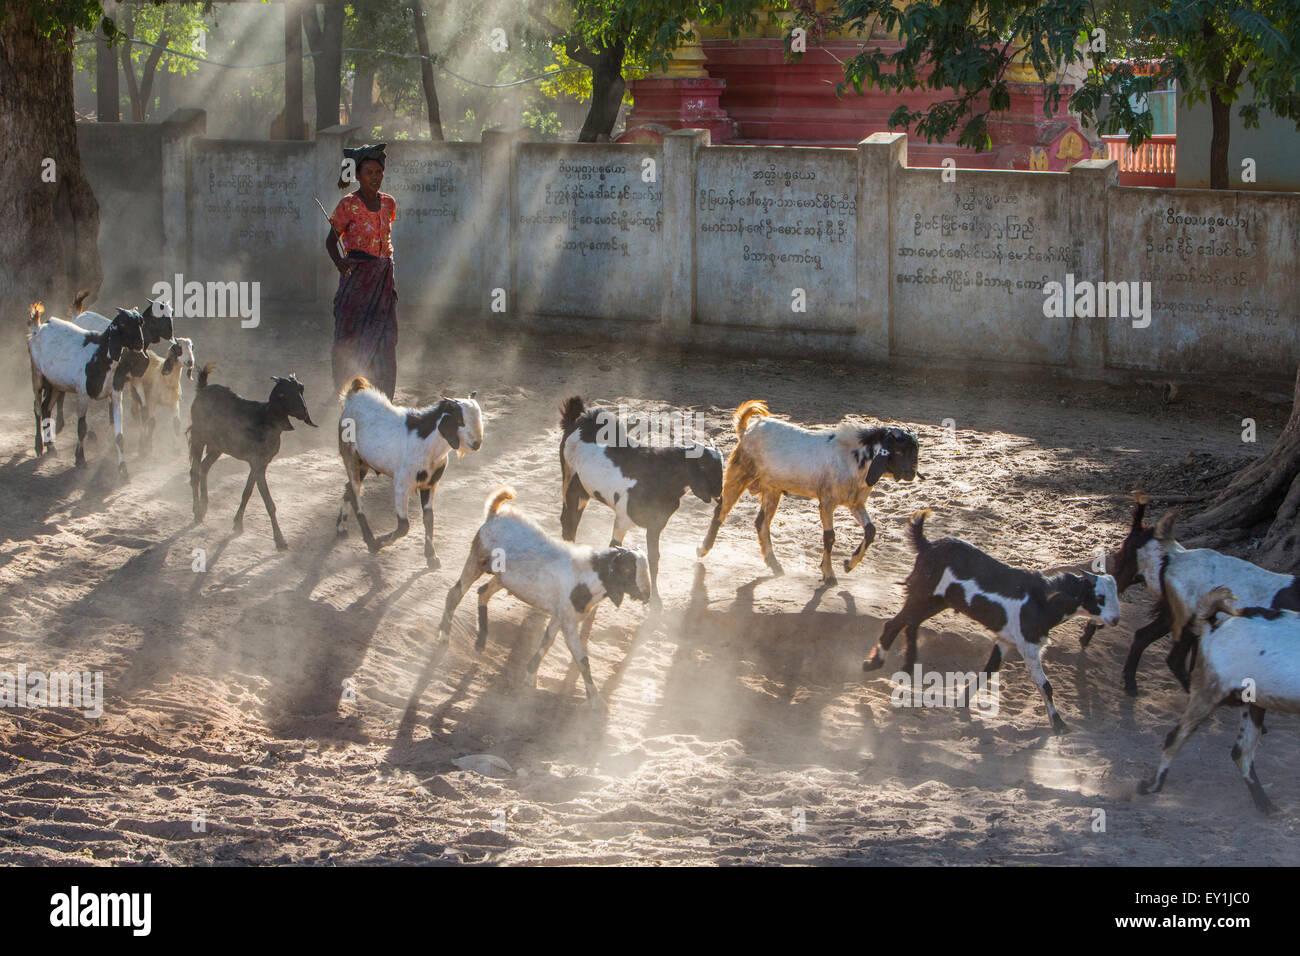 Goat hearding in Salay, Myanmar - Stock Image